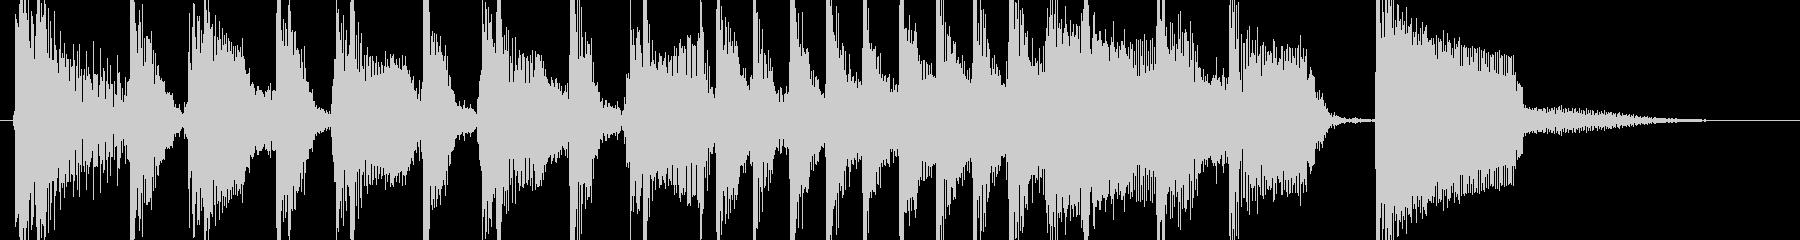 ピアメインのJAZZYなオシャレジングルの未再生の波形